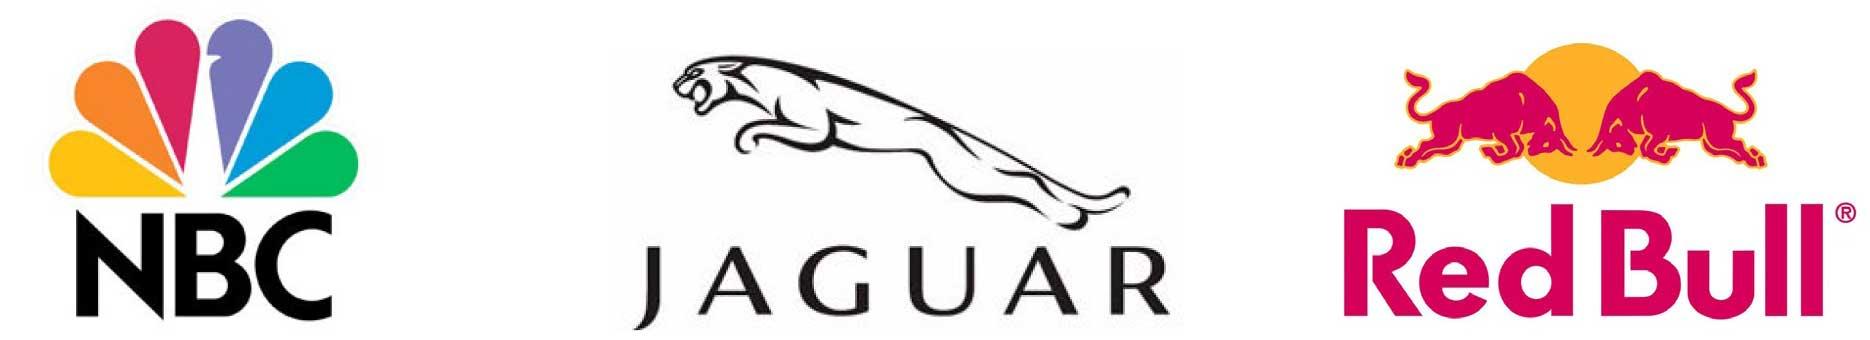 imagotipos - Brilla con tu Negocio - Diseño web, deiseño de logotipo, diseño de marca